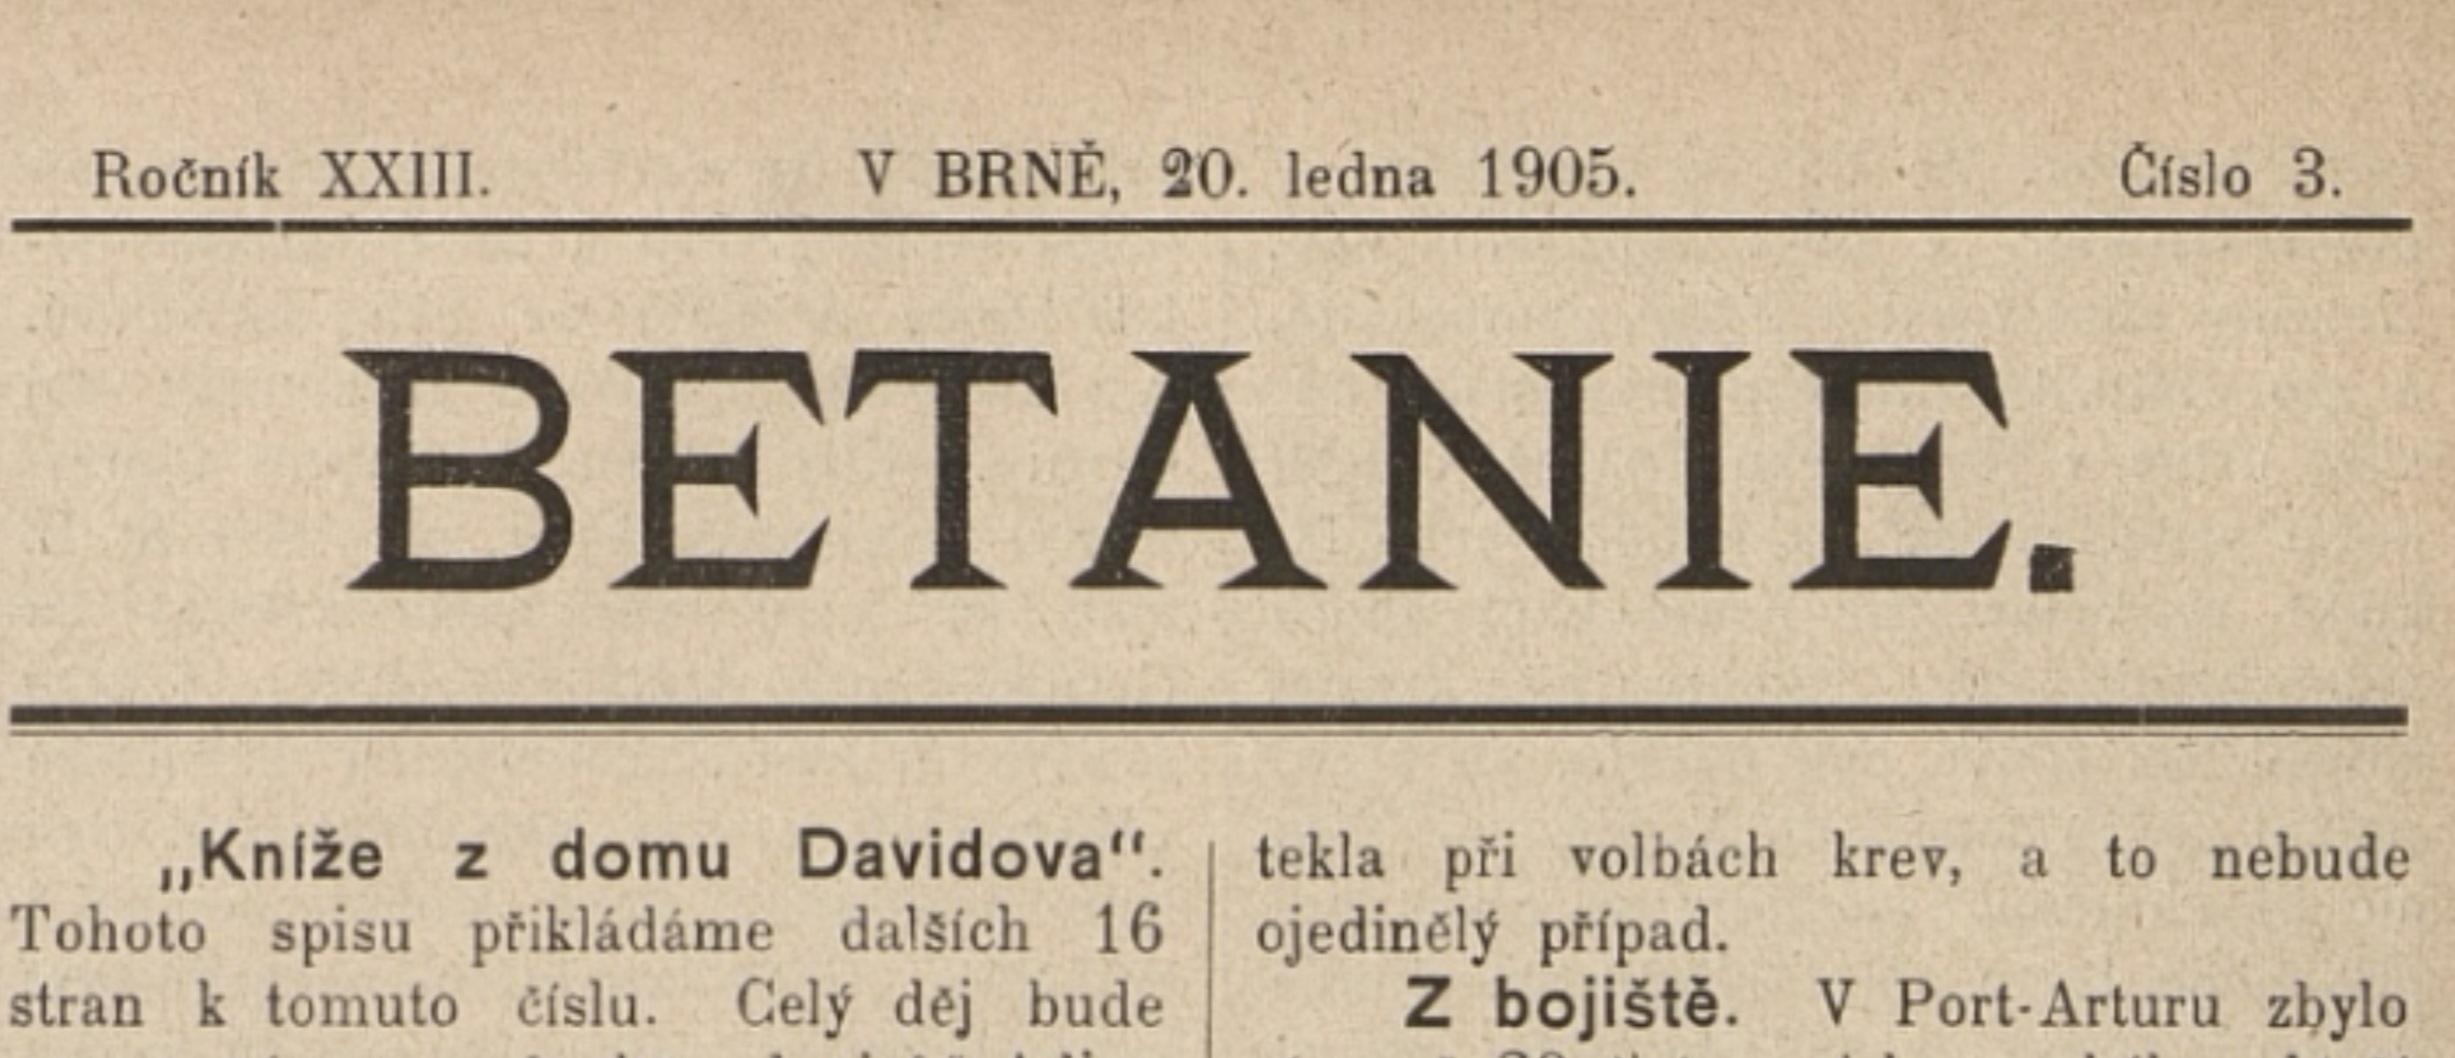 Protivenství na Gerniku misionářům ze Svaté Heleny 1905